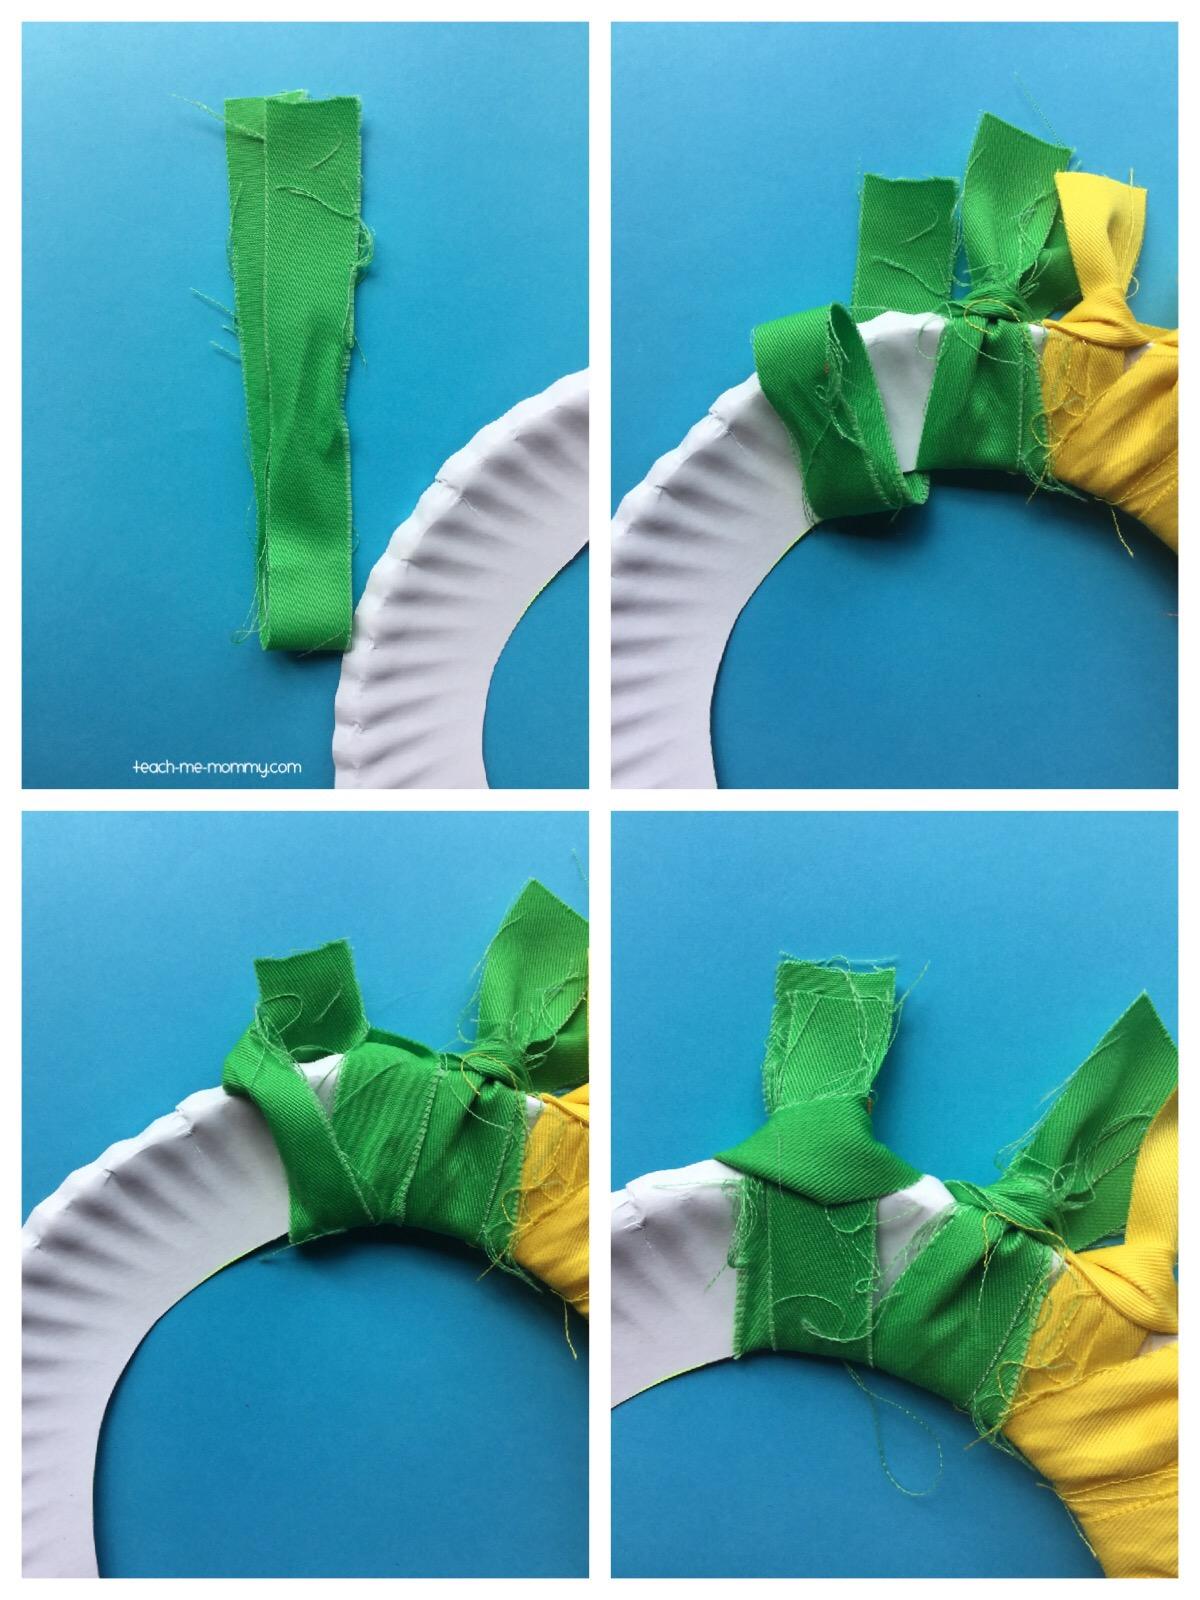 loop method